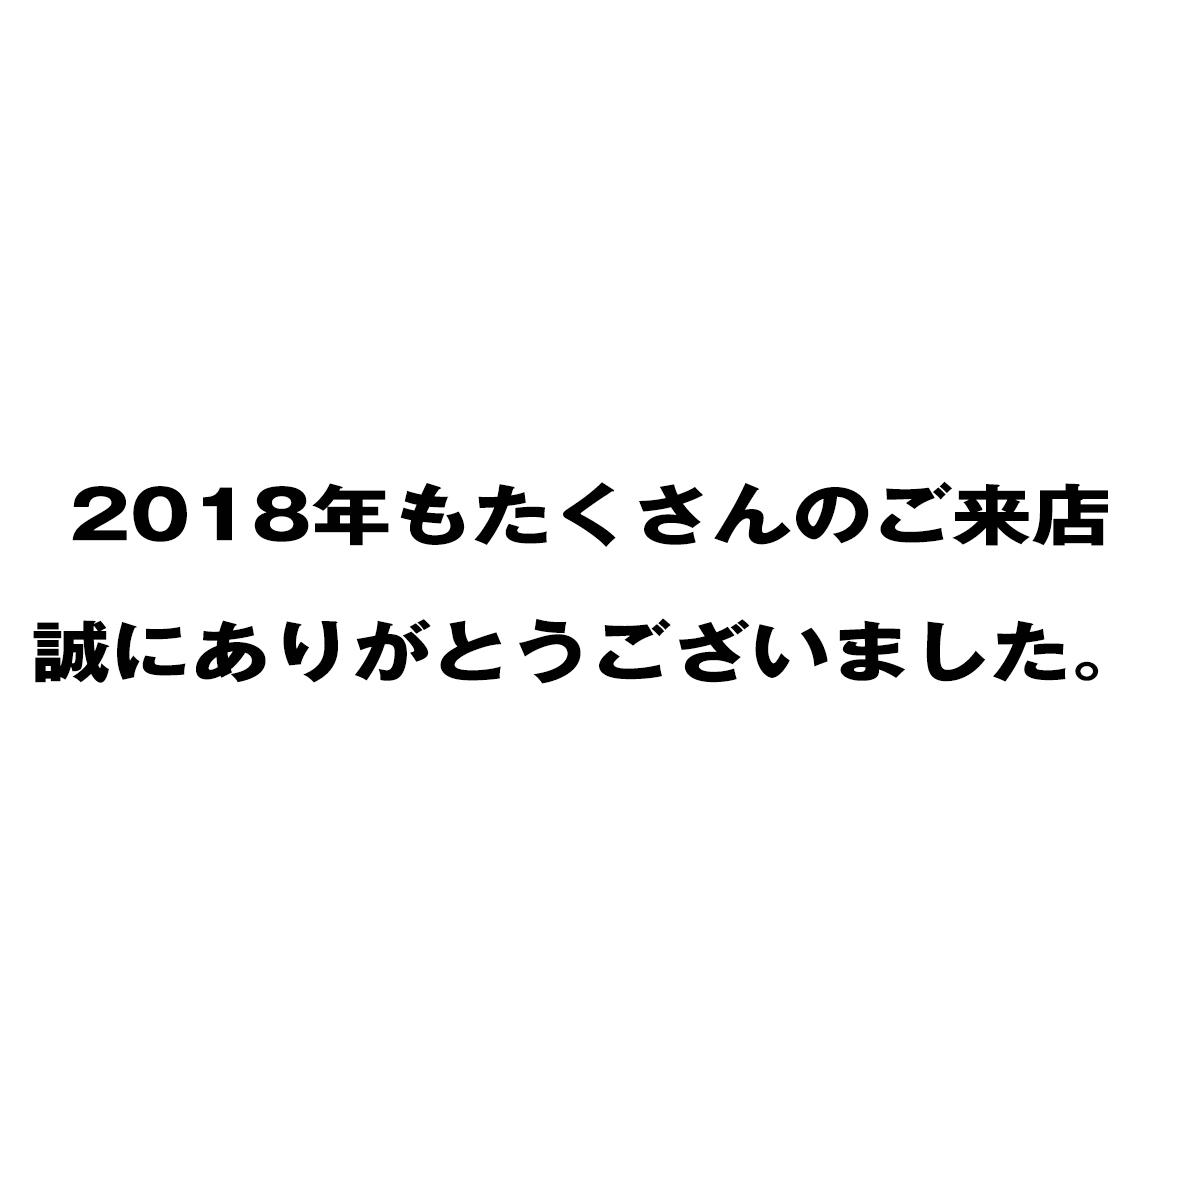 2018年もありがとうございました!!